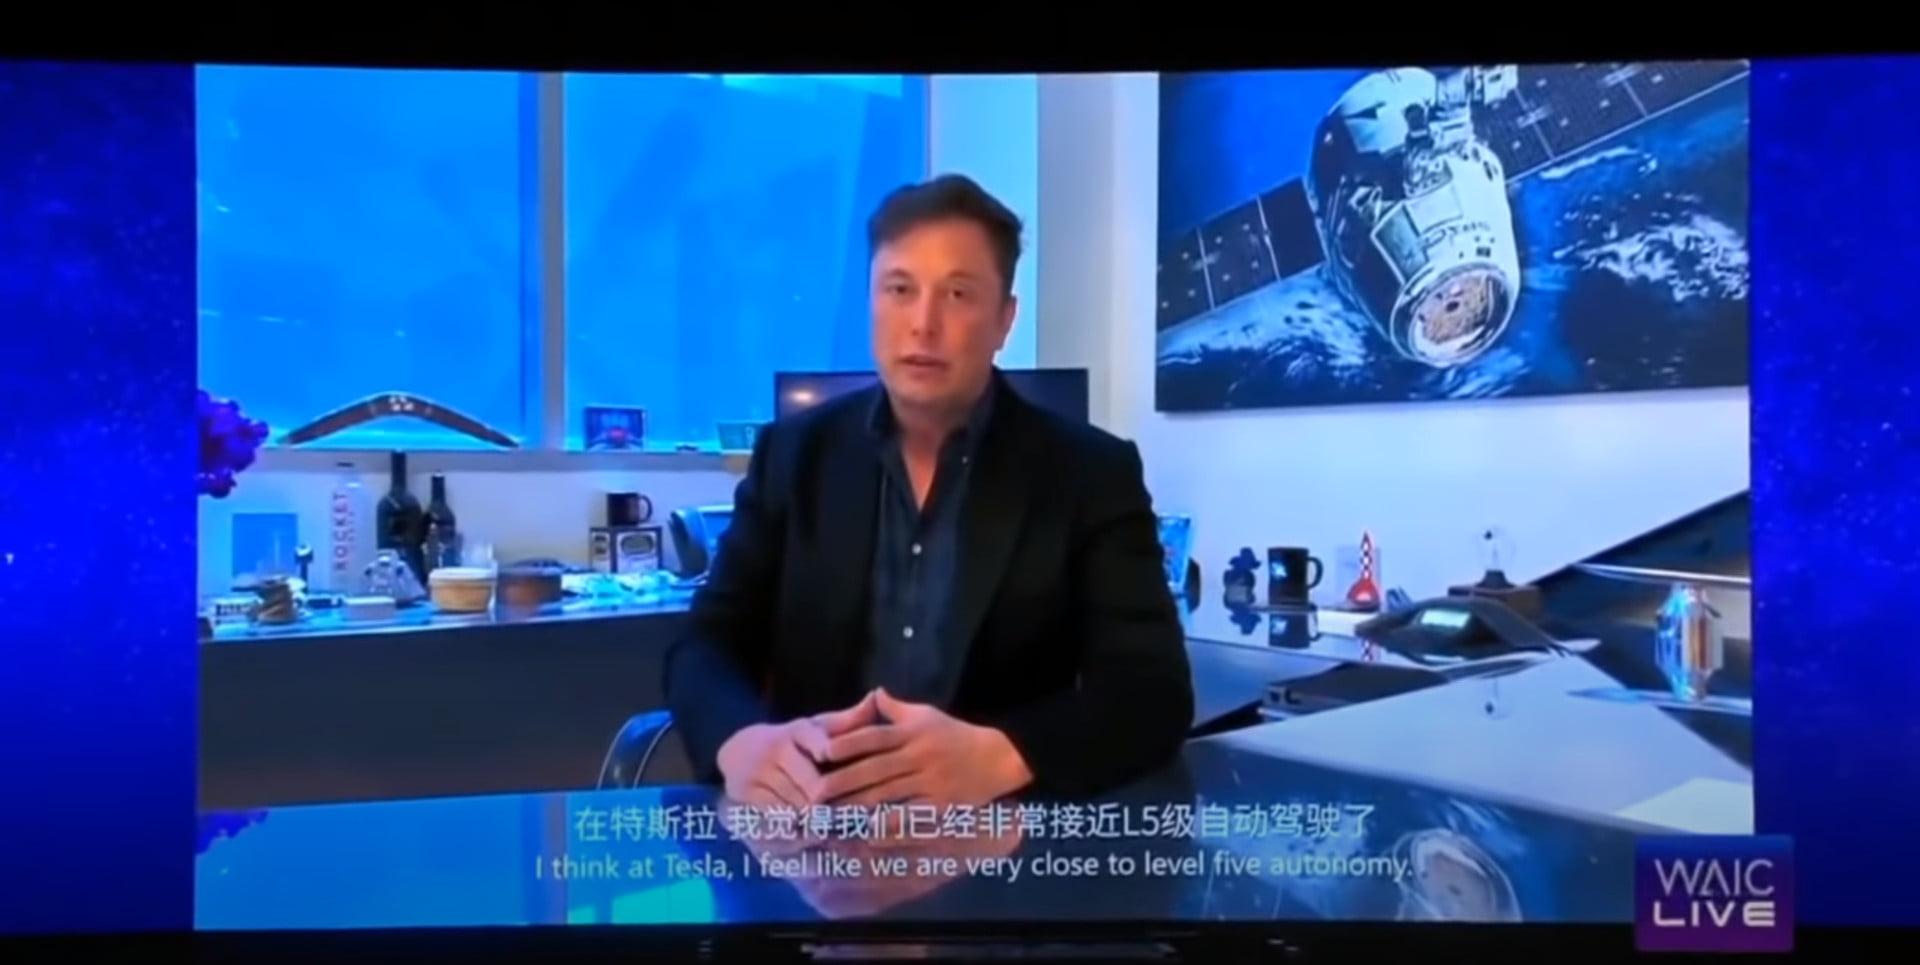 Elon Musk: Niveau 5 teknologi klar inden årets udgang